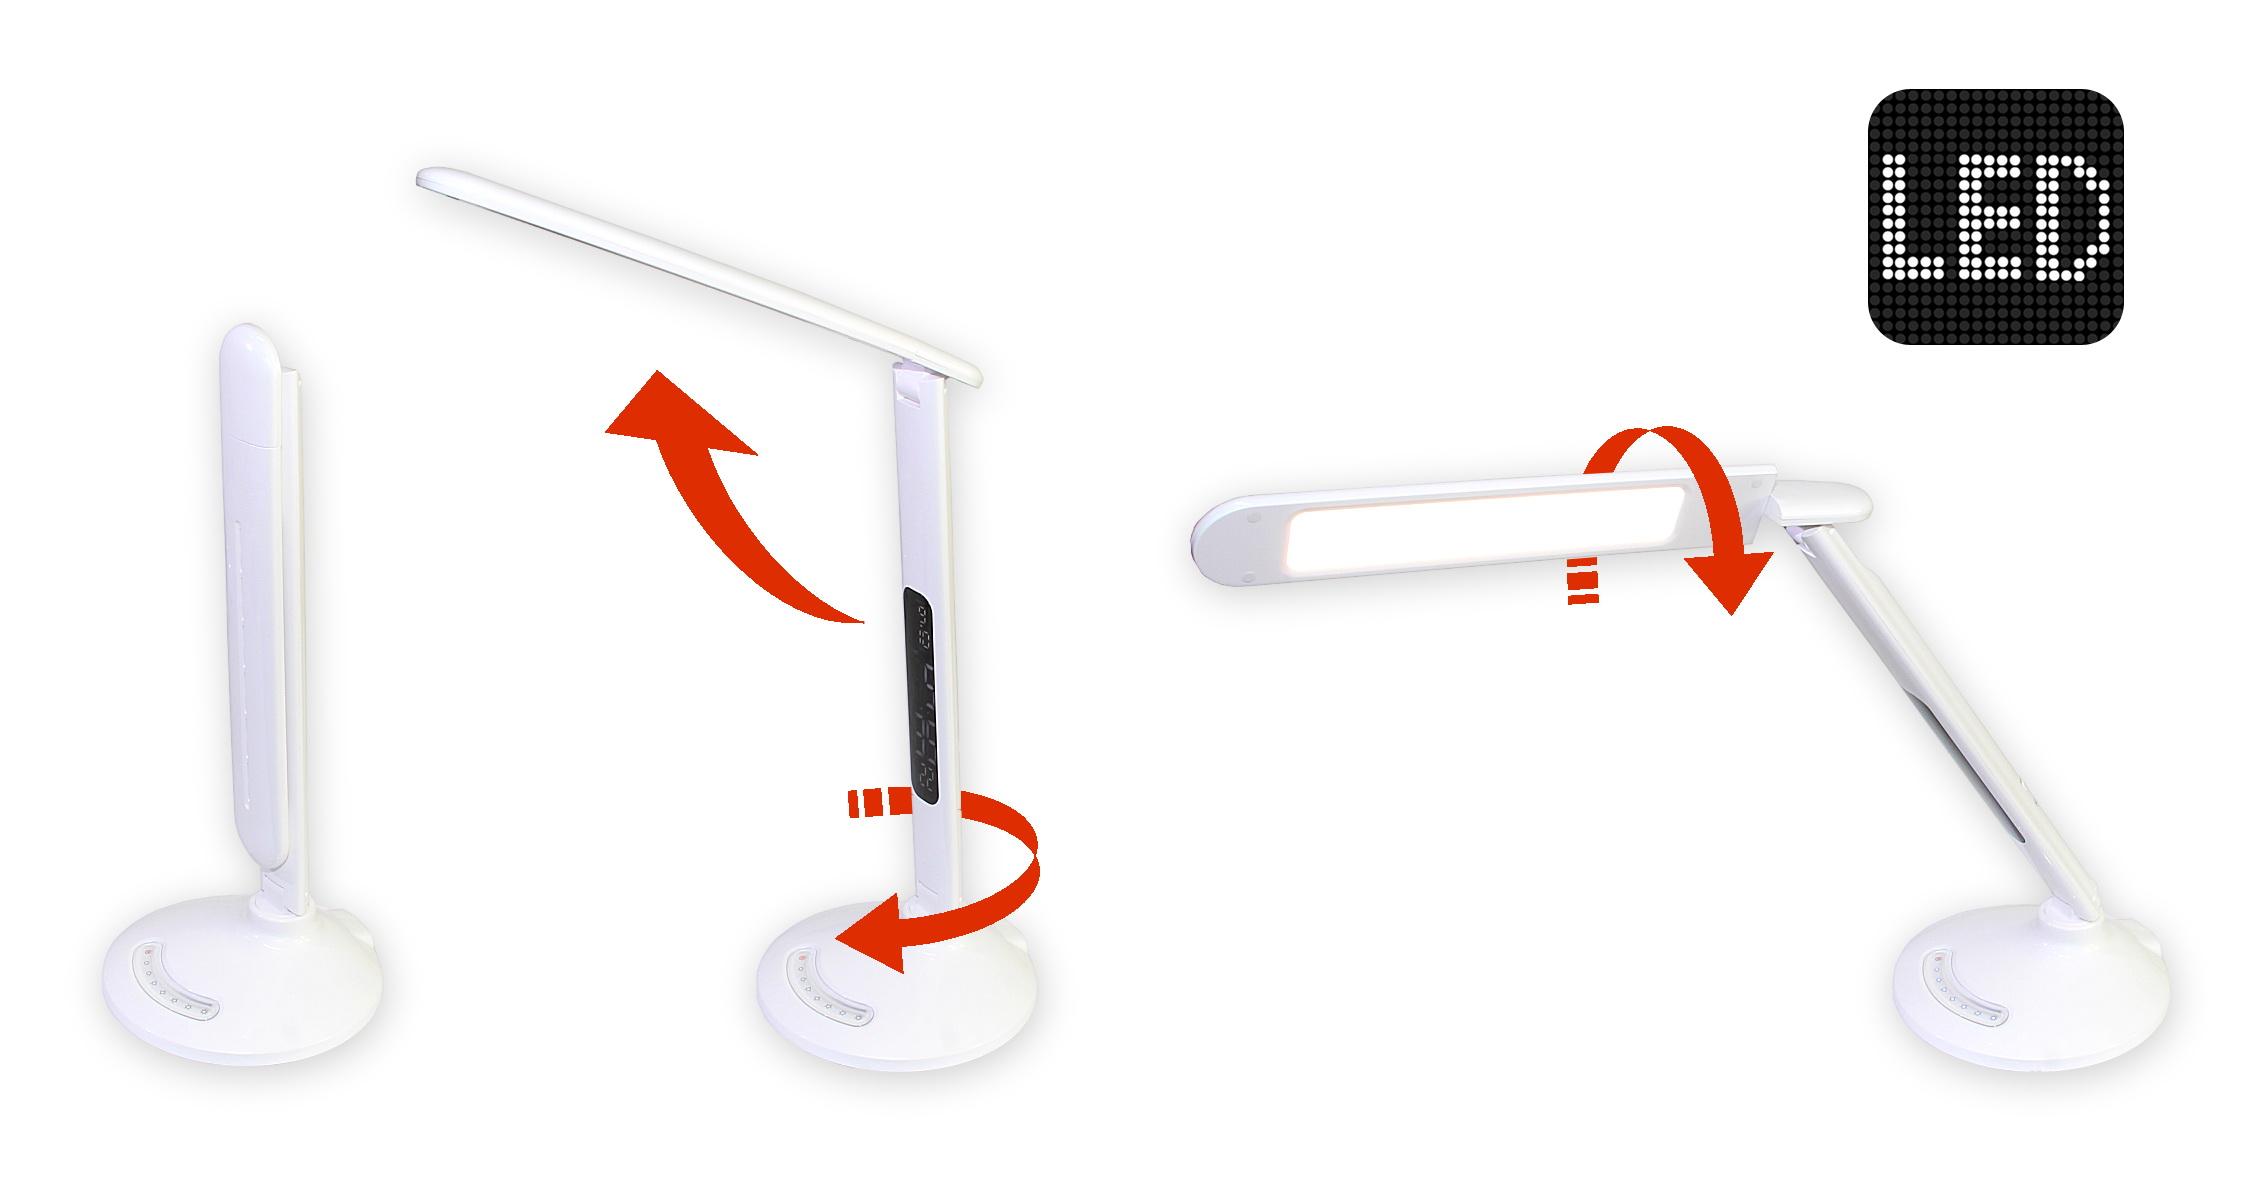 LED stolní lampa A5 s LCD hodinami, teploměrem, USB nabíječkou a regulací svitu